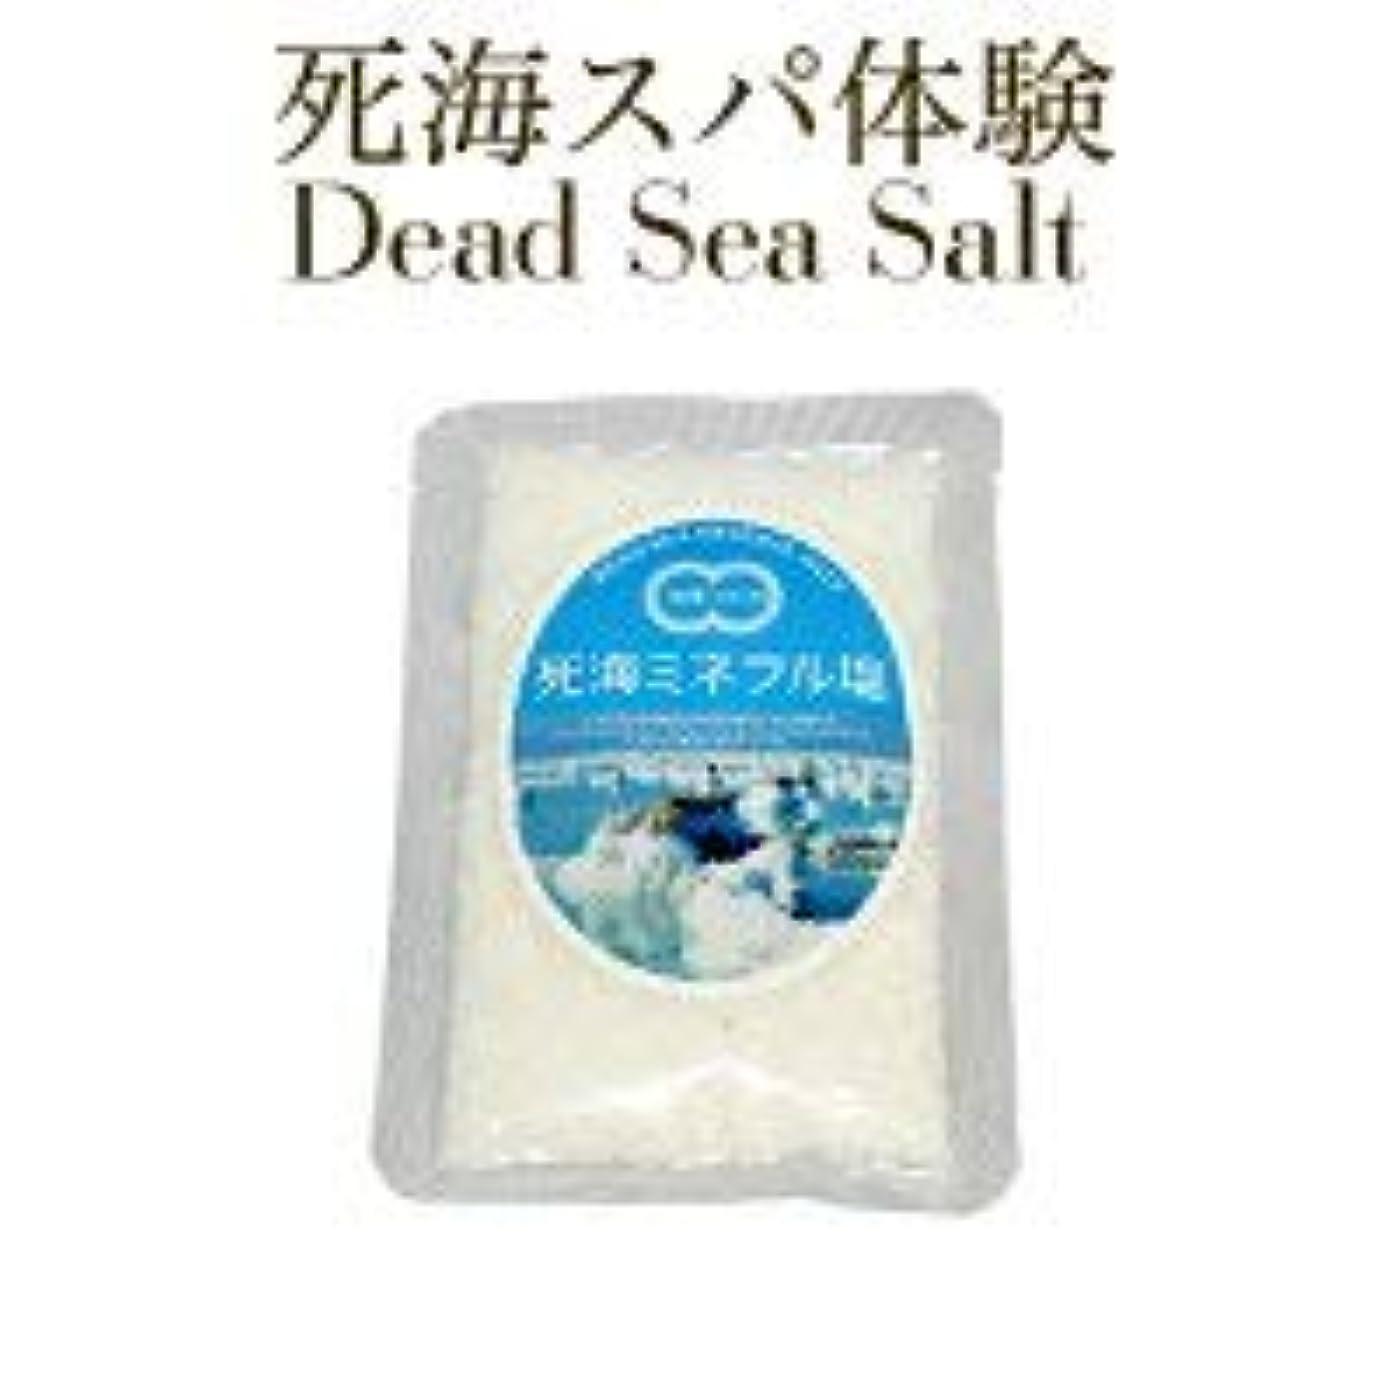 オリエンテーション補充準備ができて死海ミネラル塩100g